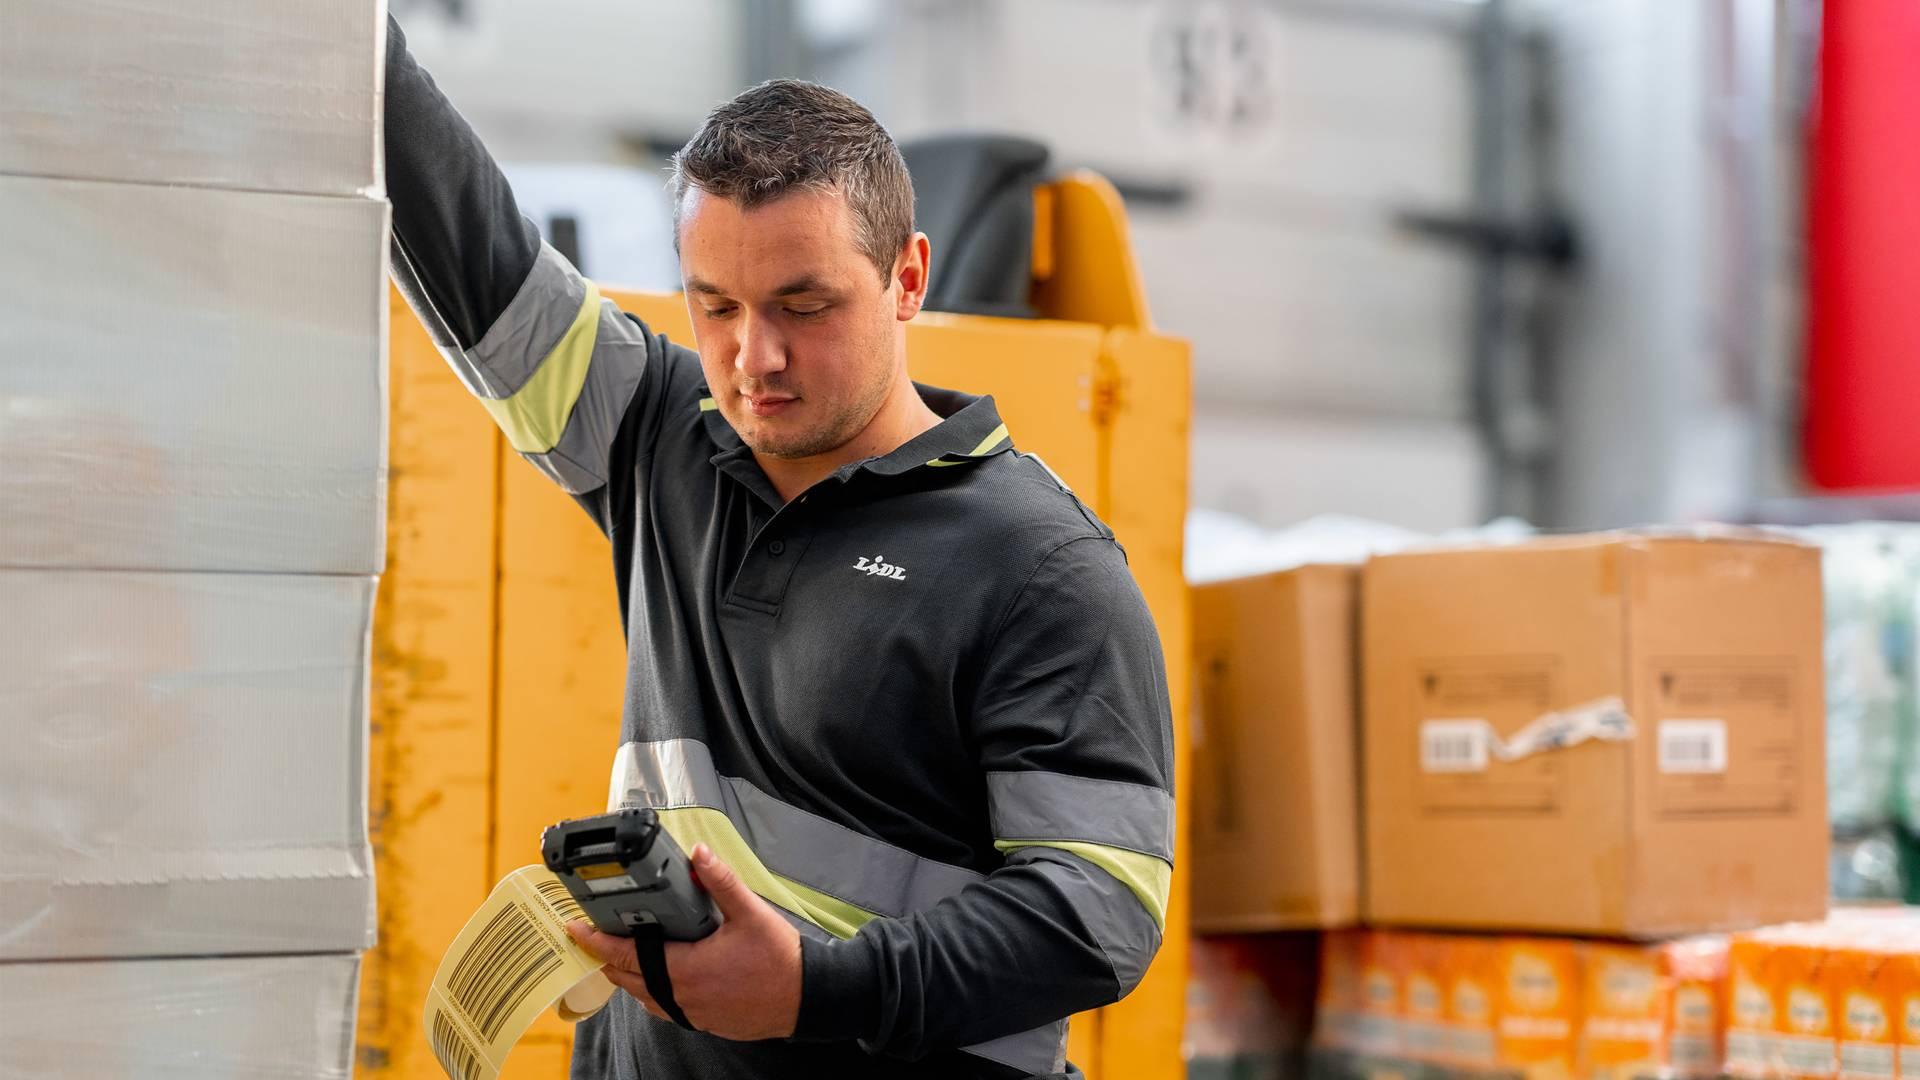 Служител складово обслужване проверява кашони със стока